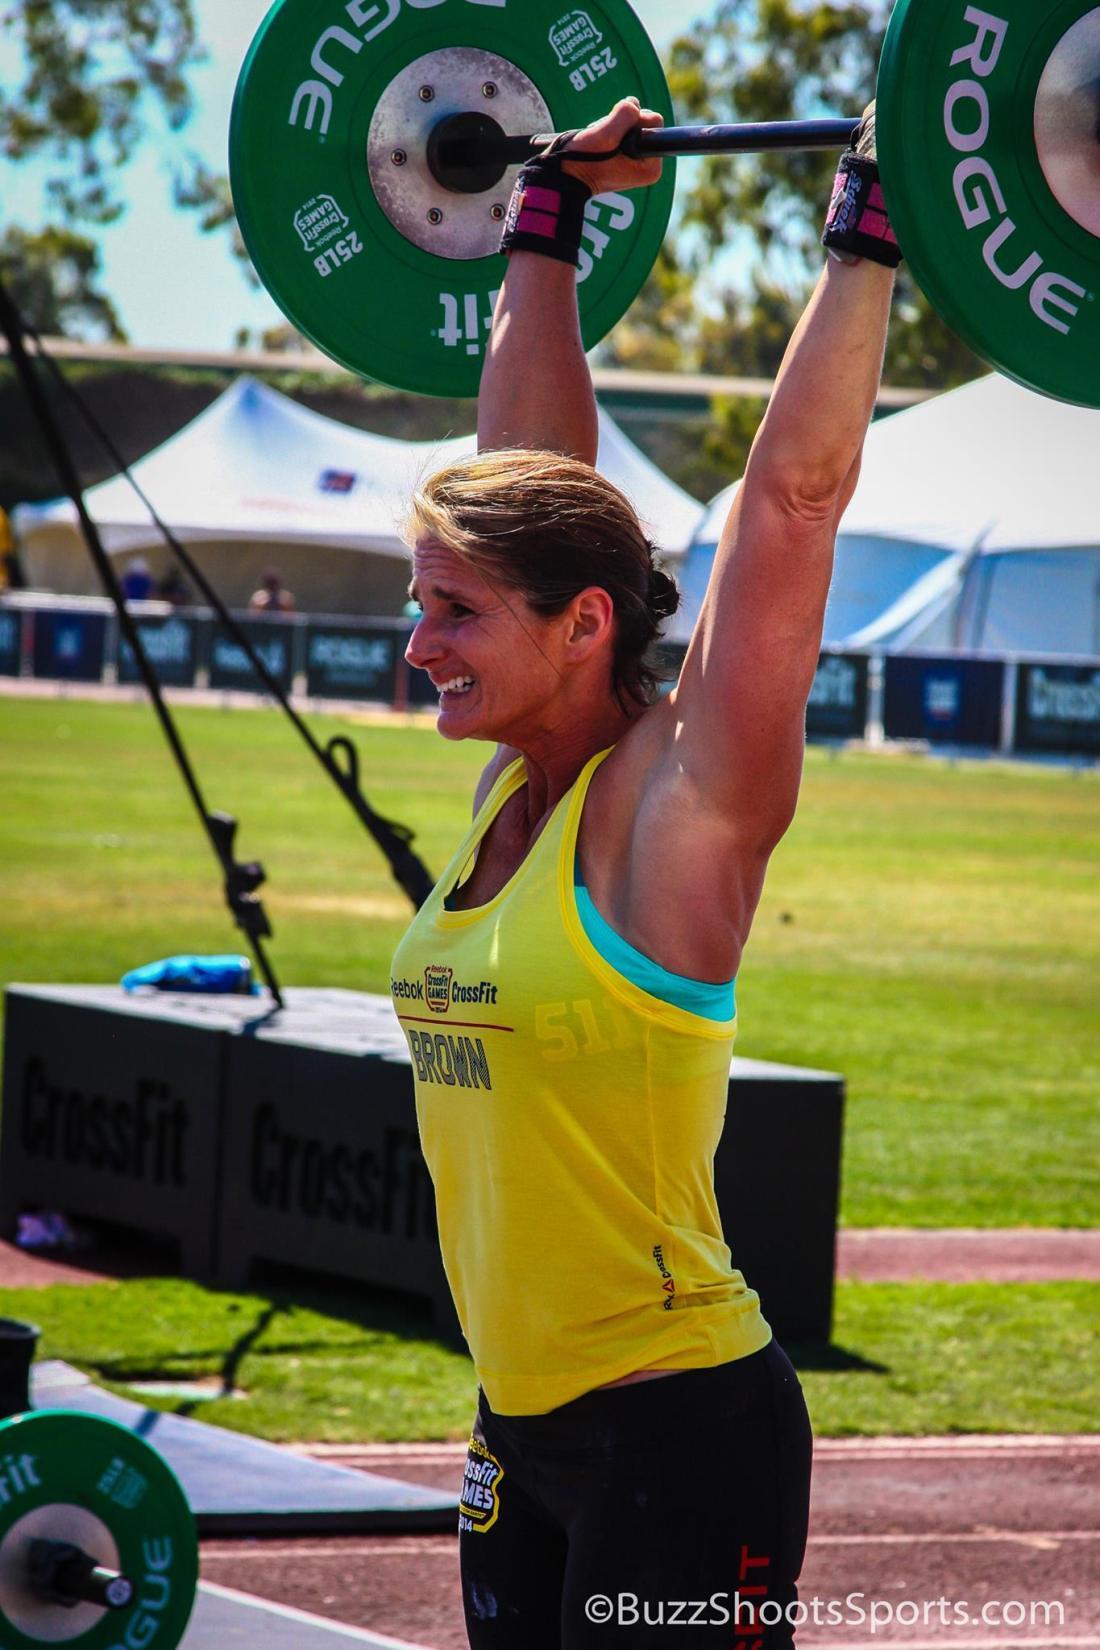 Cynthia Carse Brown